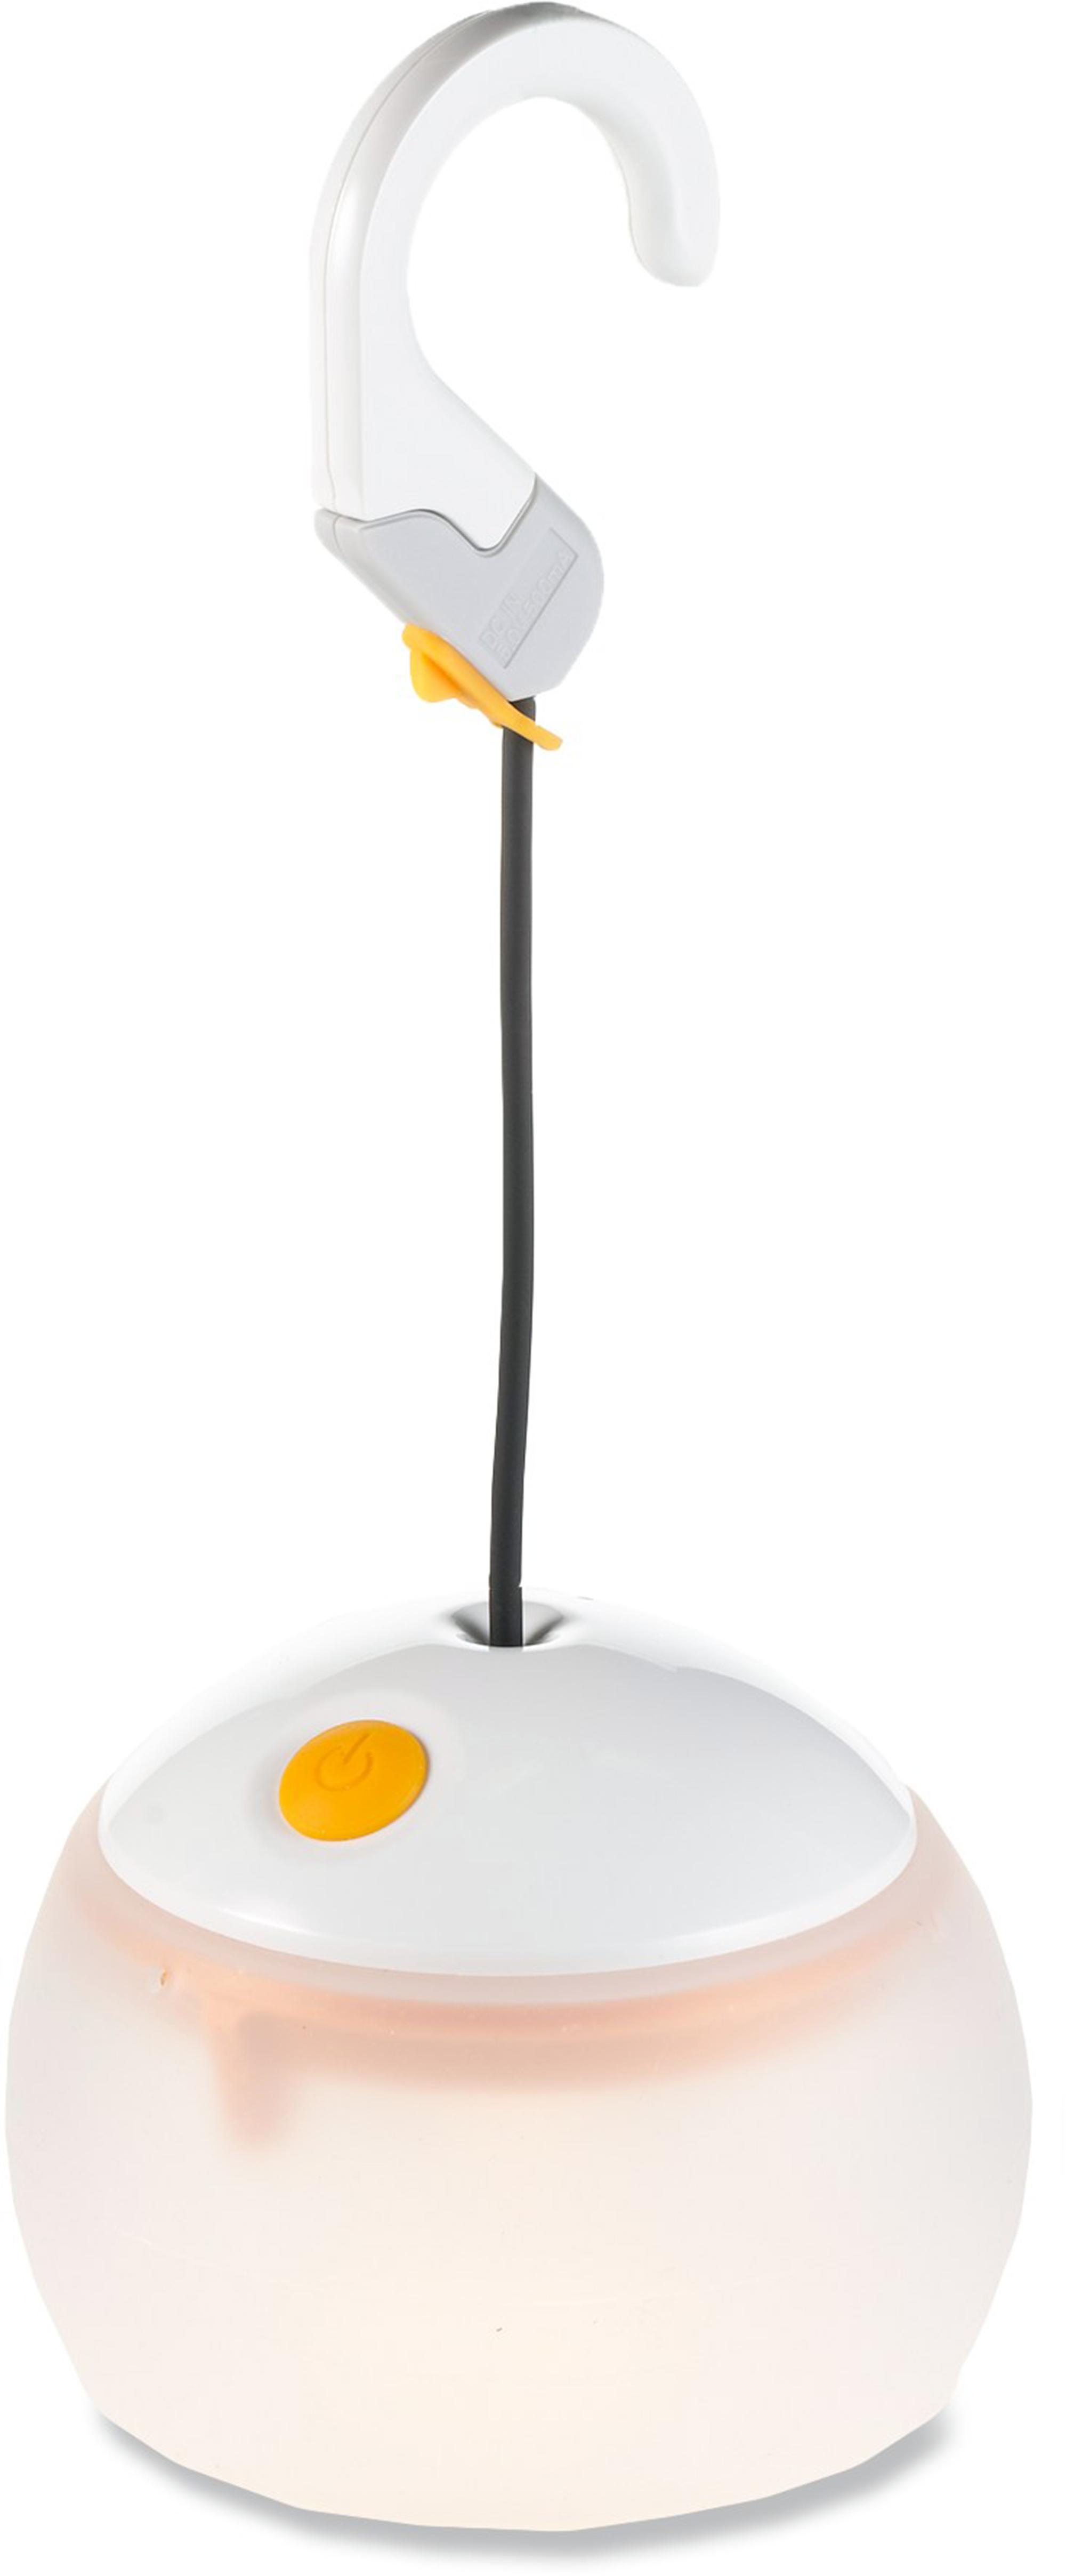 Designapplause Hozuki Led Lantern Snow Peak